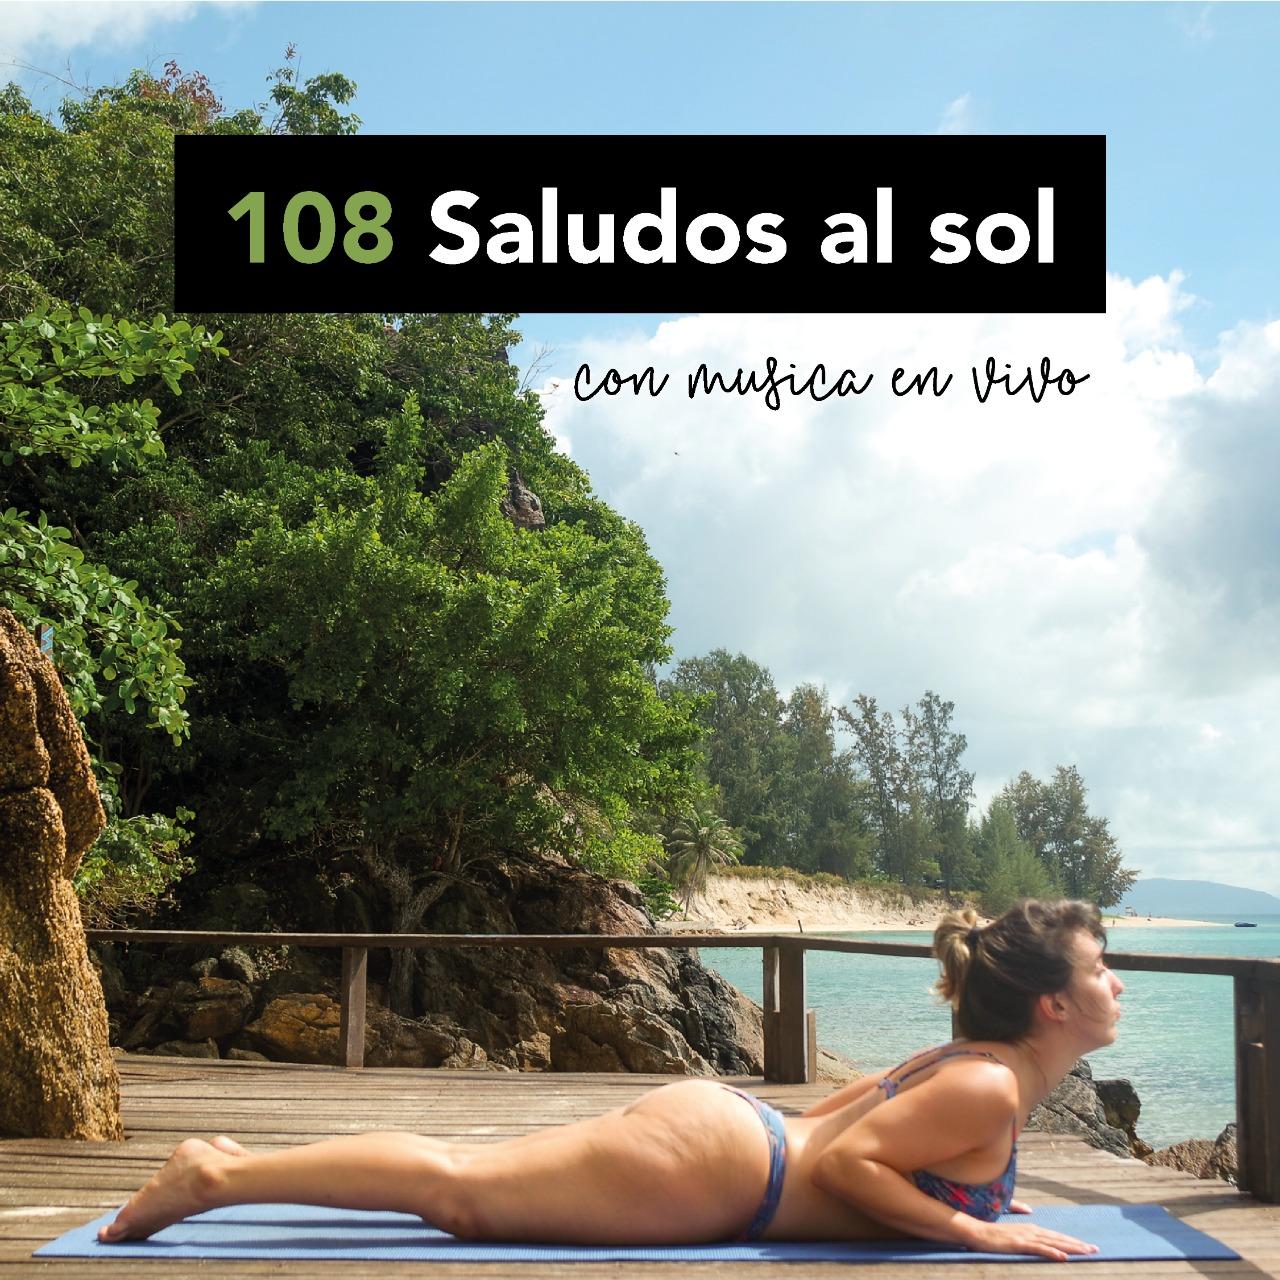 108 saludos al Sol en una terraza en Palermo – Imperdible!